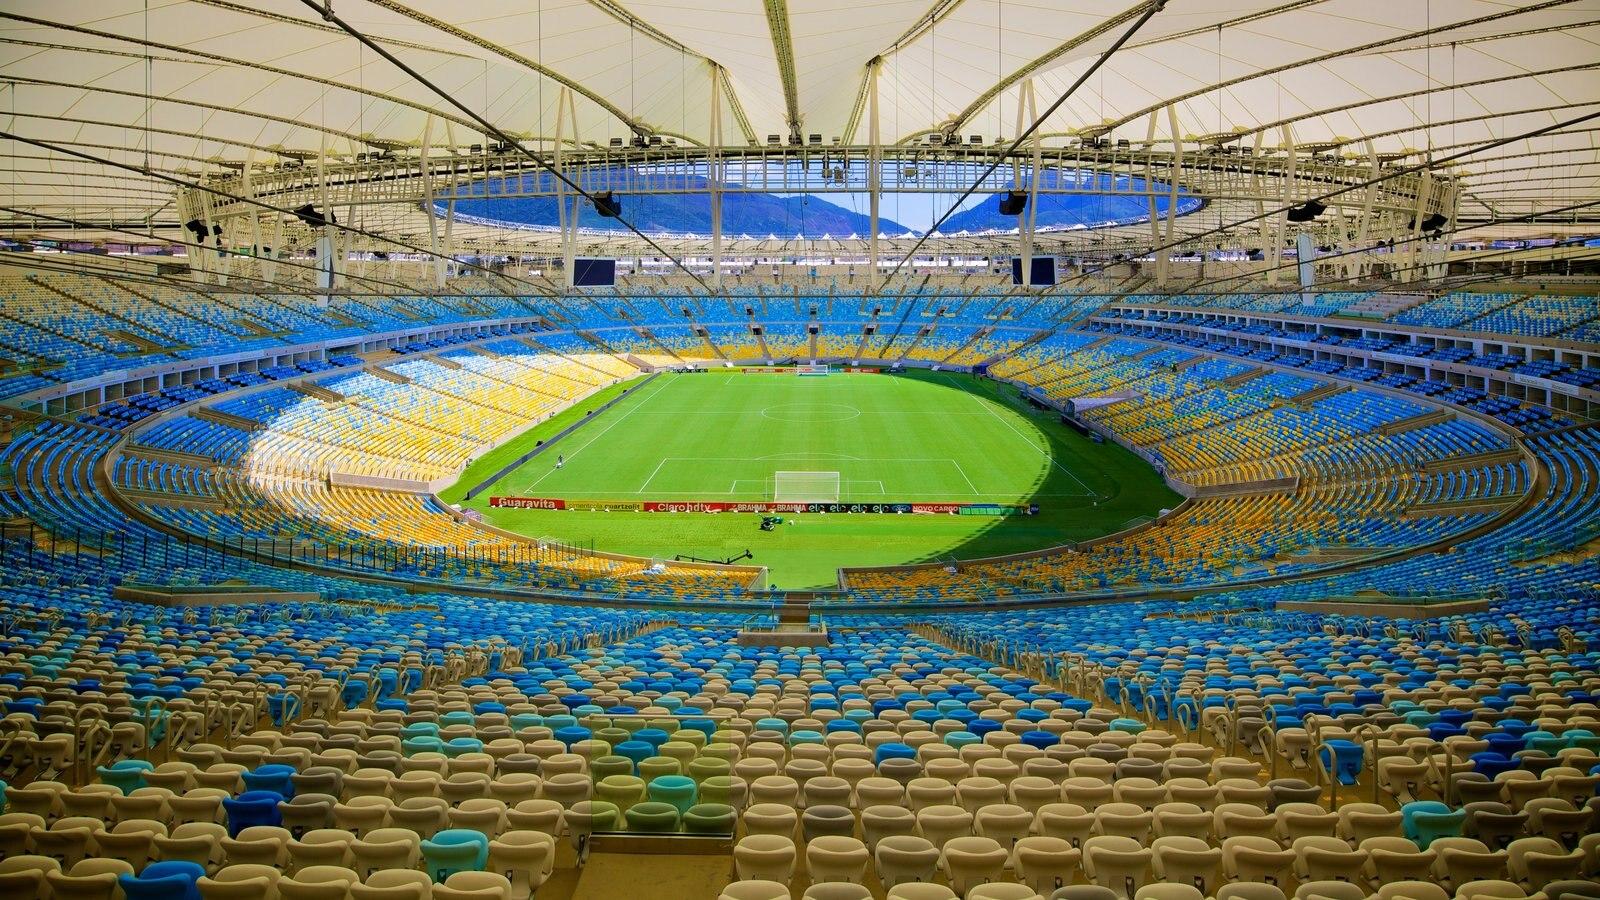 Estádio Mário Filho caracterizando arquitetura moderna e vistas internas